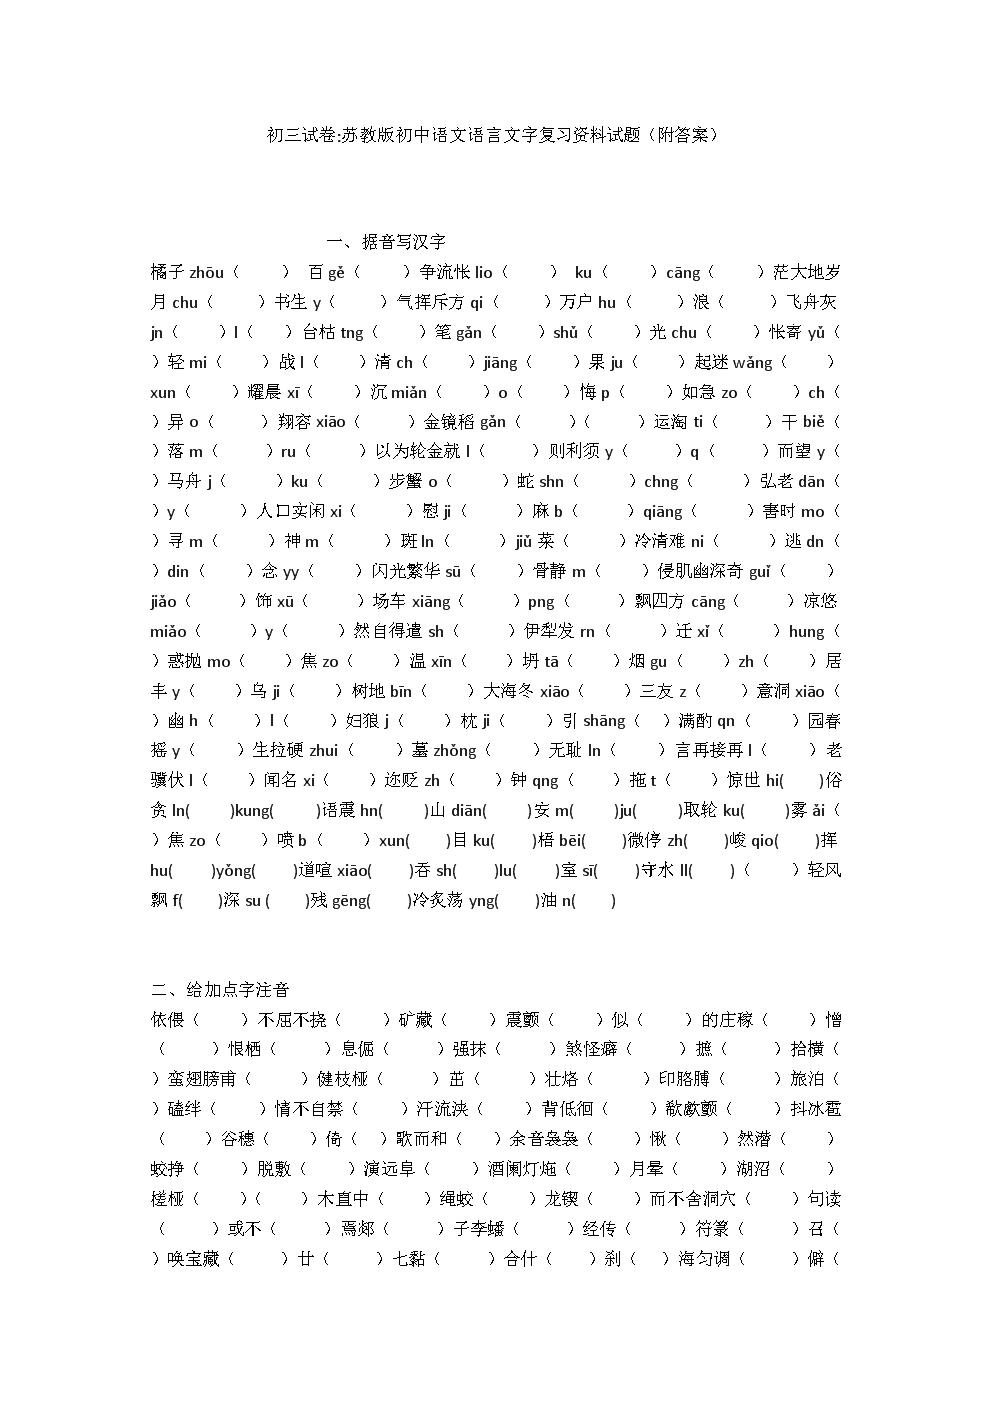 花的囹�a�i)�aj_初三试卷-苏教版初中语文语言文字复习资料试题(附答案).docx